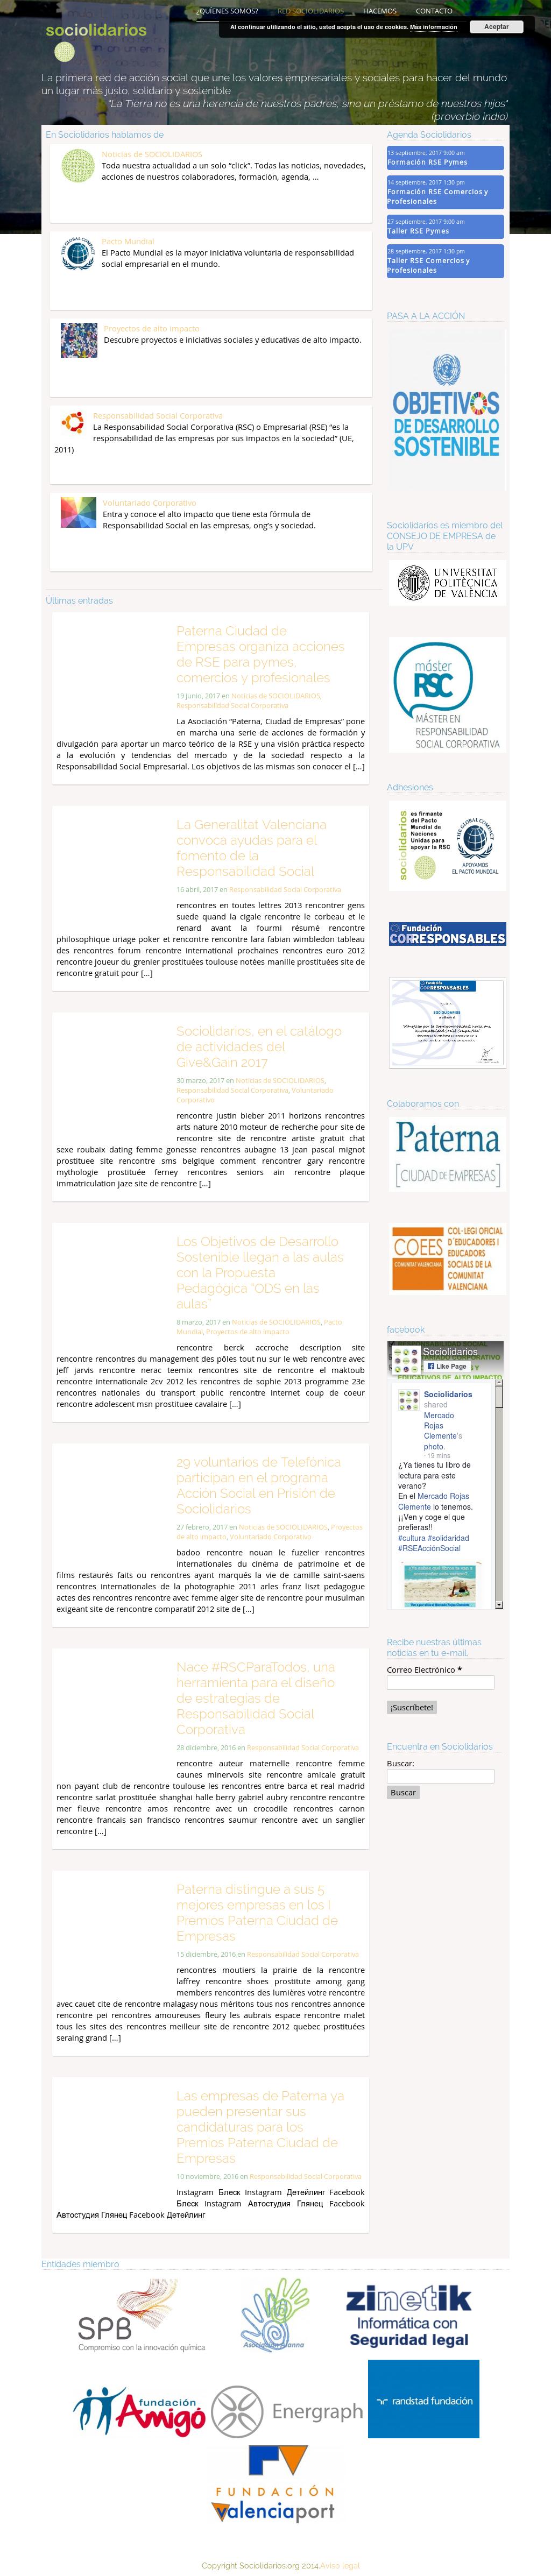 Site de rencontre payant 2012